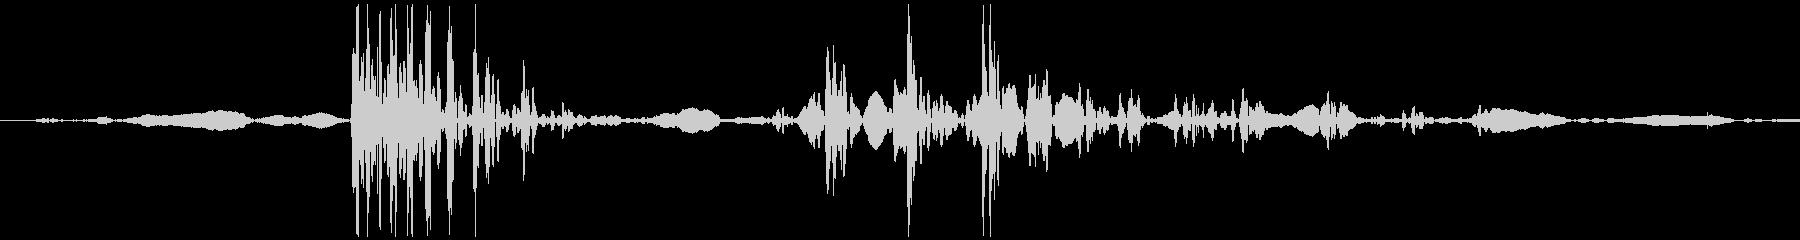 ゴクン 喉の音1の未再生の波形